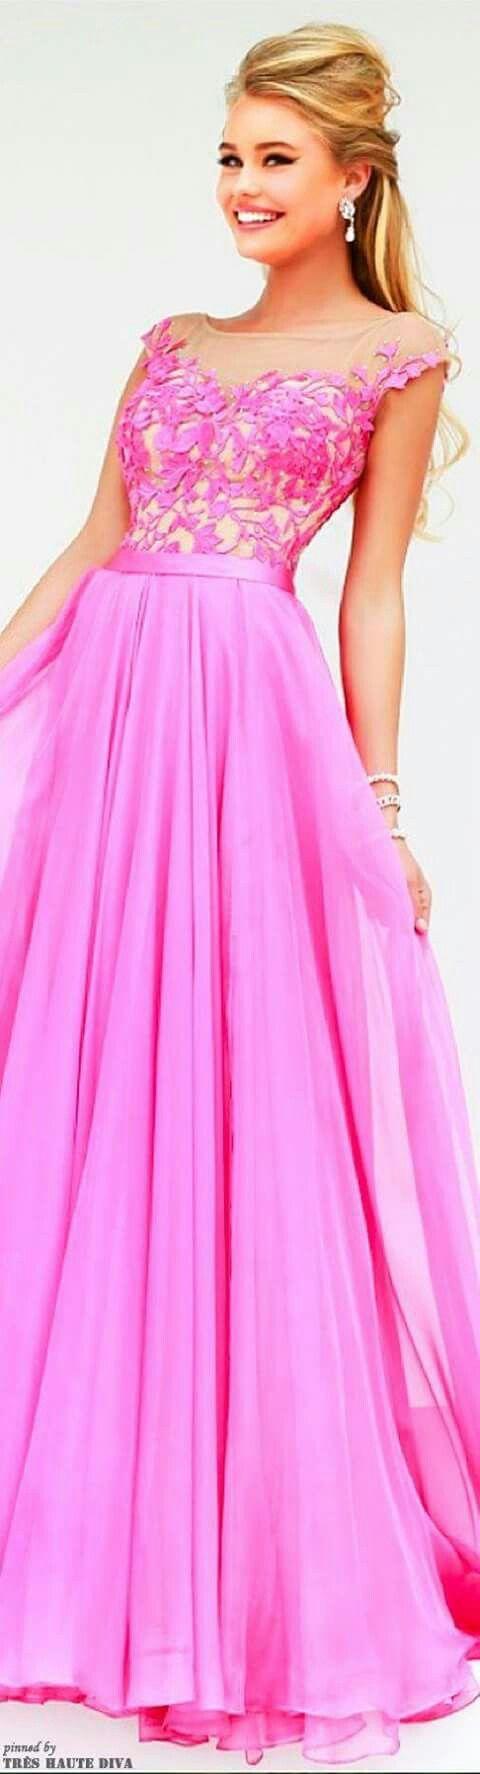 Mejores 87 imágenes de vestidos <3 en Pinterest | Moda femenina ...